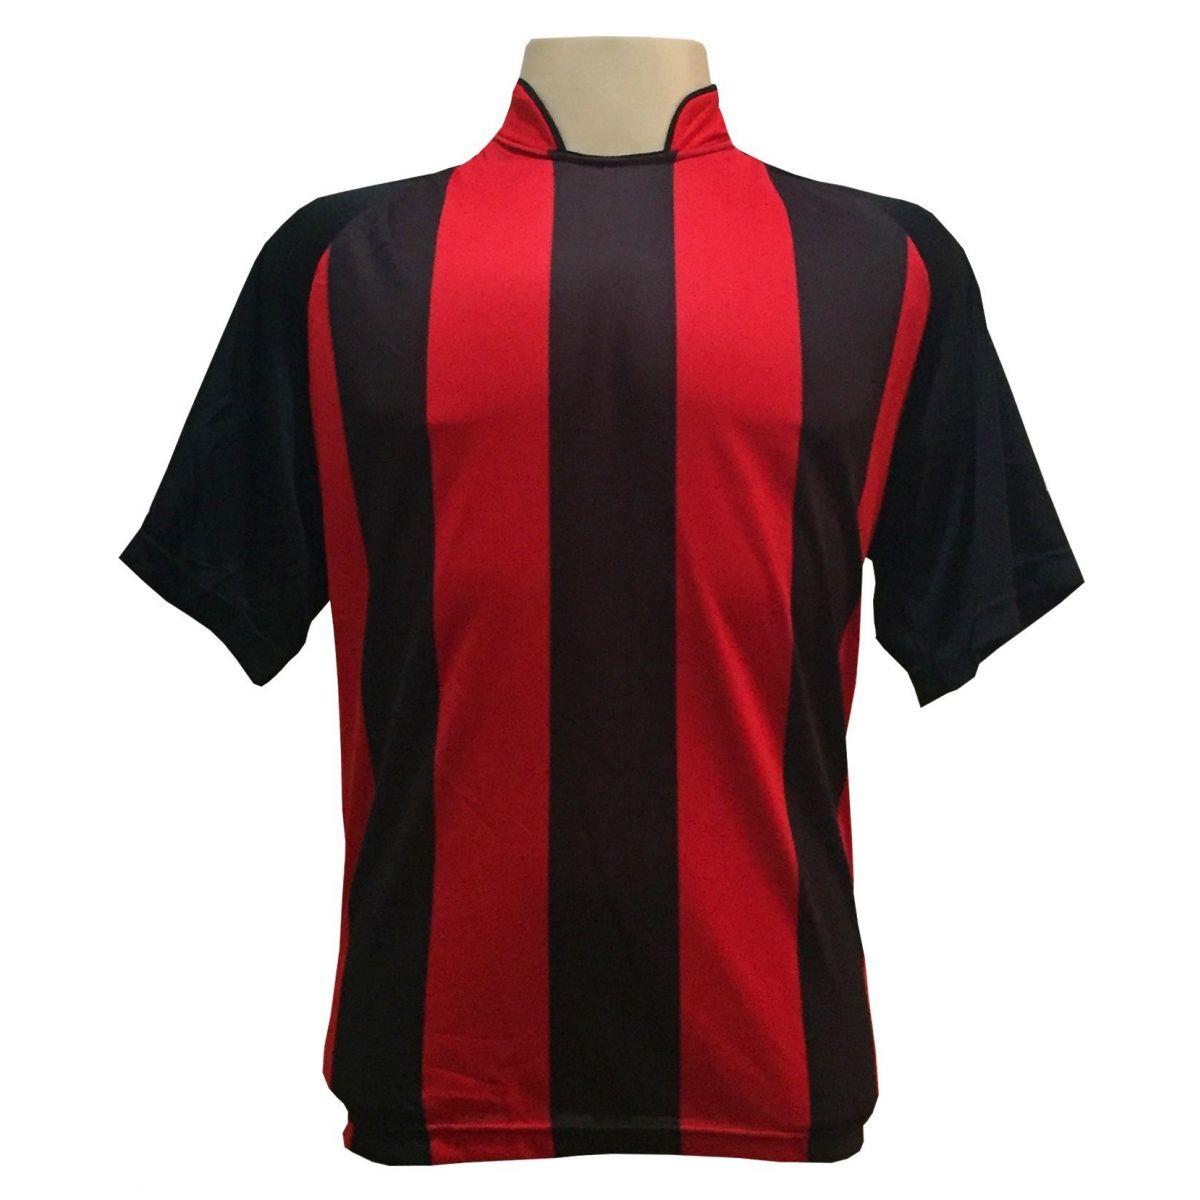 Uniforme Esportivo com 20 camisas modelo Milan Preto/Vermelho + 20 calções modelo Madrid + 1 Goleiro + Brindes